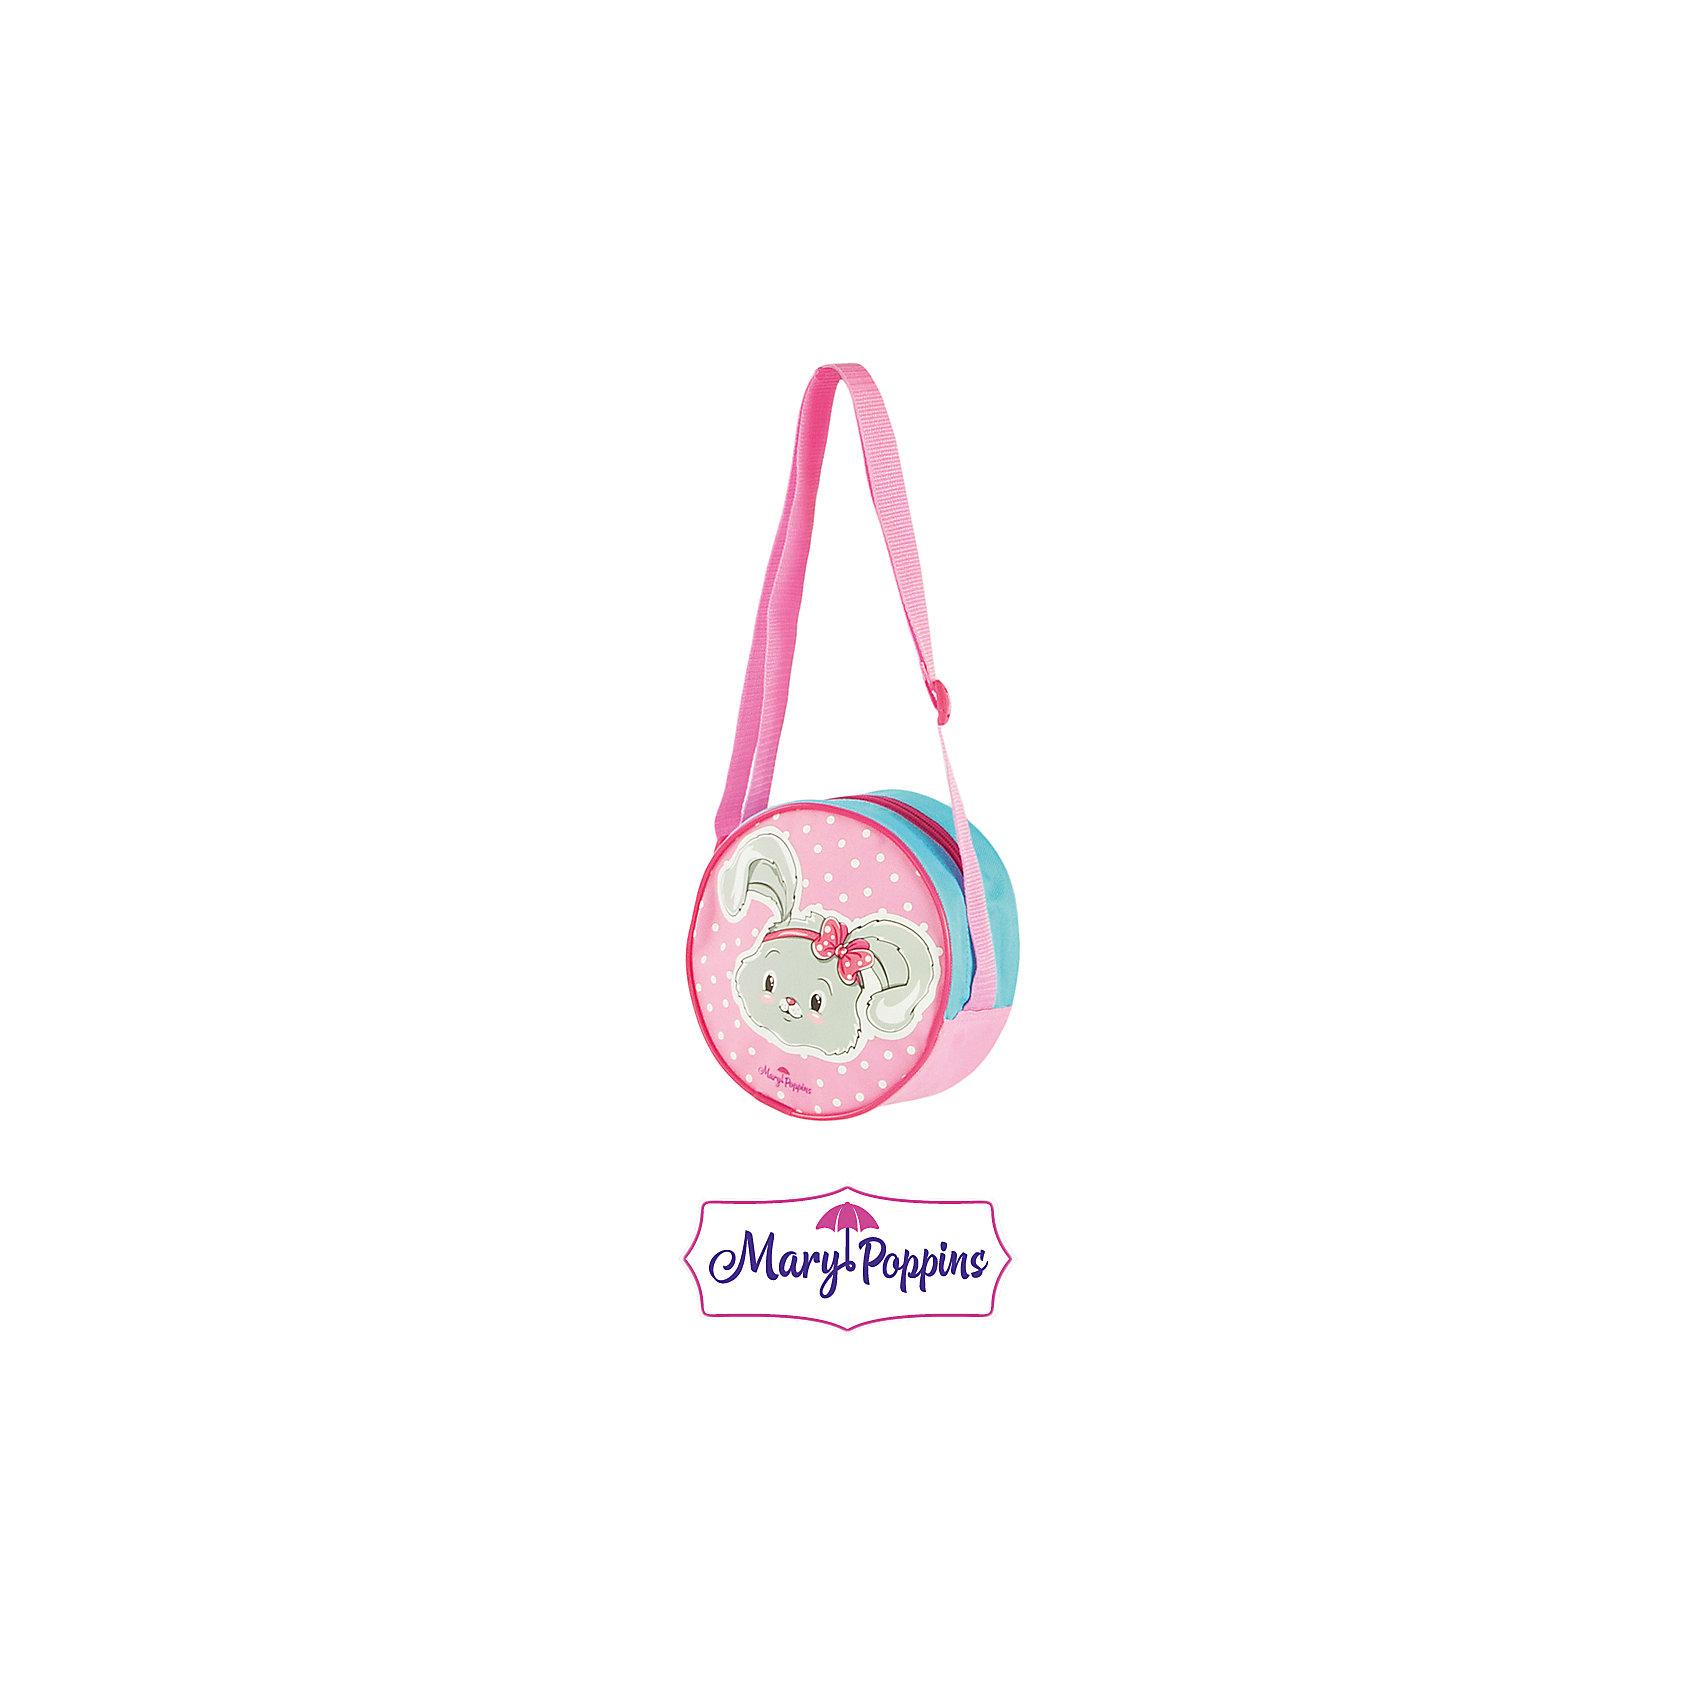 Сумочка Зайка 17 см.Детские сумки<br>Зайка от компании Mary Poppins - это симпатичная детская сумка, которая представлена в нежно-розовой расцветке. На лицевой части сумки изображена милая мордочка зайца, что девочка несомненно оценит. В такой сумке девочка сможет транспортировать необходимые предметы. Высоту положения сумки можно регулировать при помощи ремней.<br><br>Ширина мм: 170<br>Глубина мм: 190<br>Высота мм: 800<br>Вес г: 65<br>Возраст от месяцев: 36<br>Возраст до месяцев: 2147483647<br>Пол: Женский<br>Возраст: Детский<br>SKU: 5508560